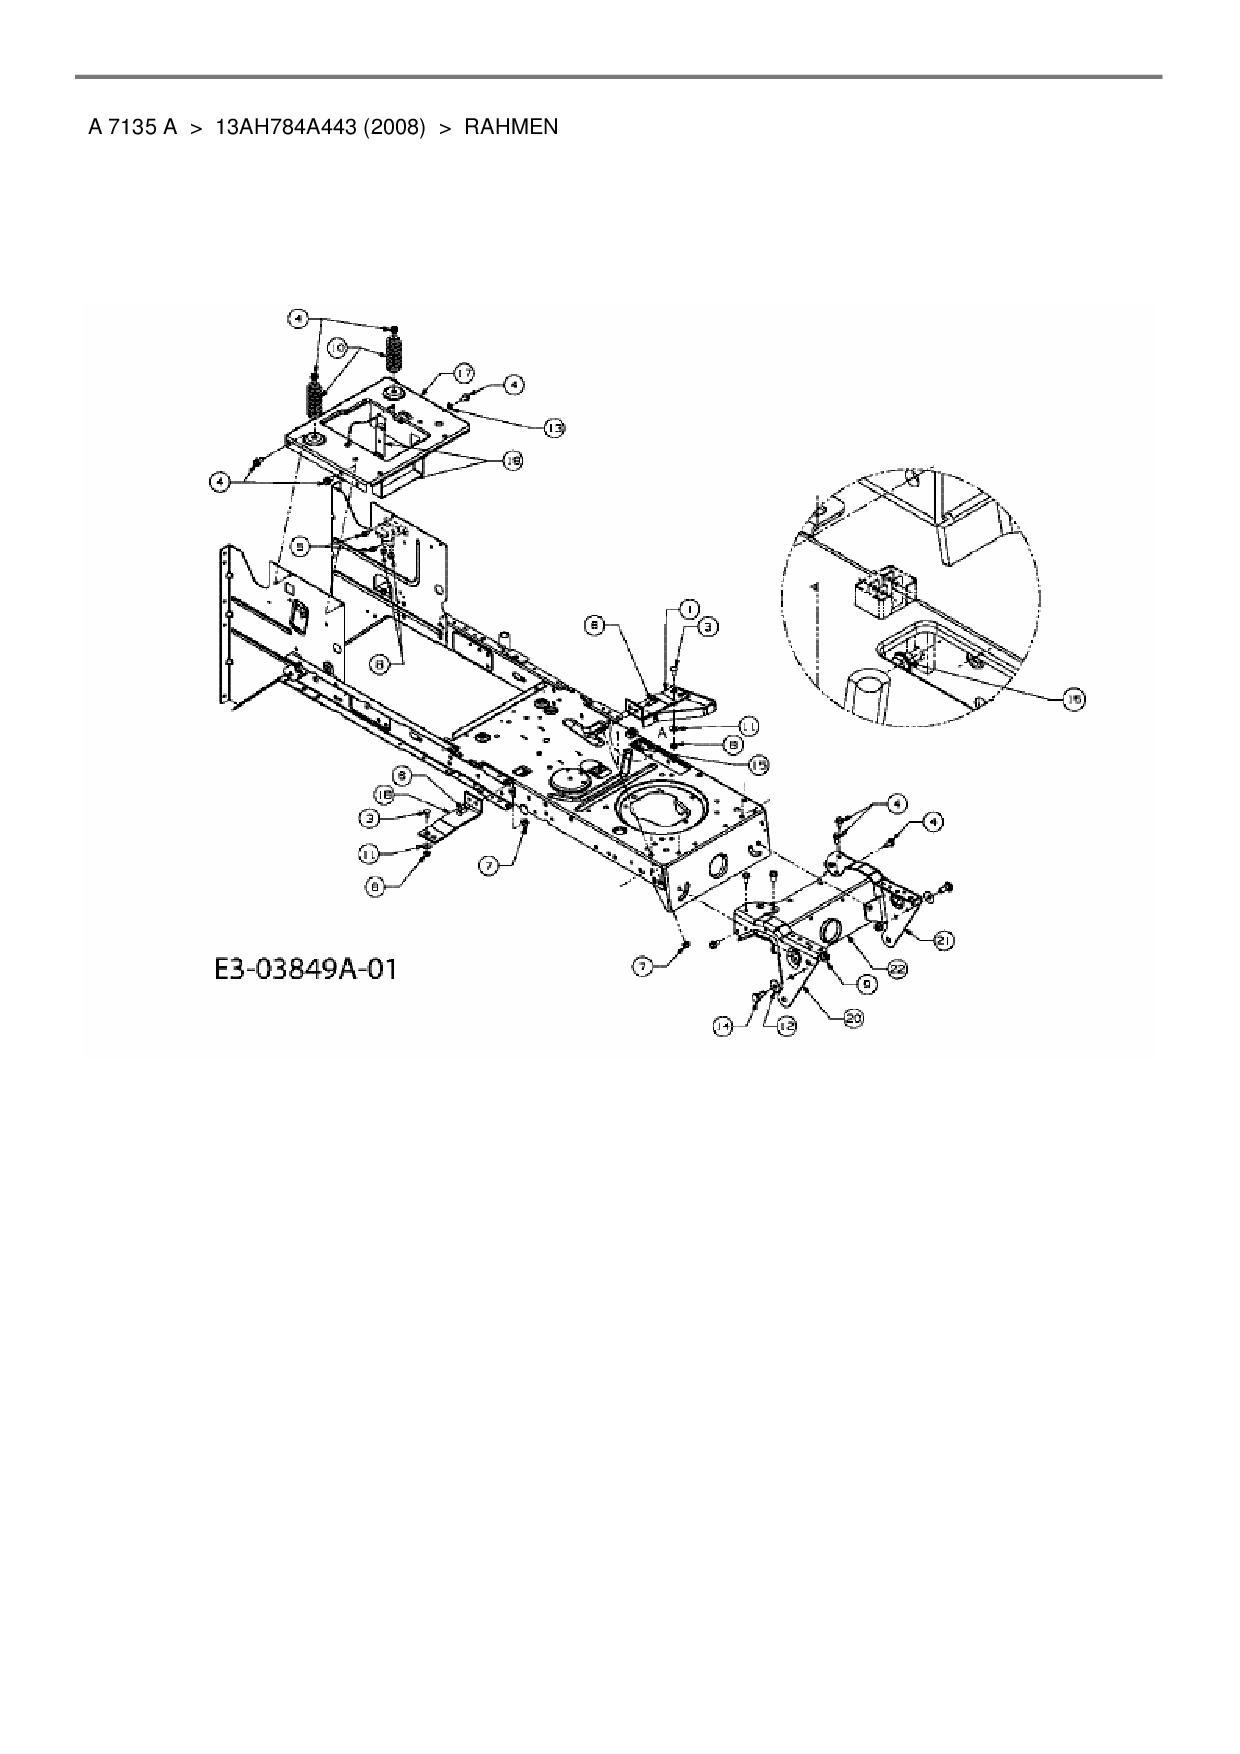 Ersatzteile von Yard-Man Rasentraktor A 7135 A aus der Zeichnung Rahm